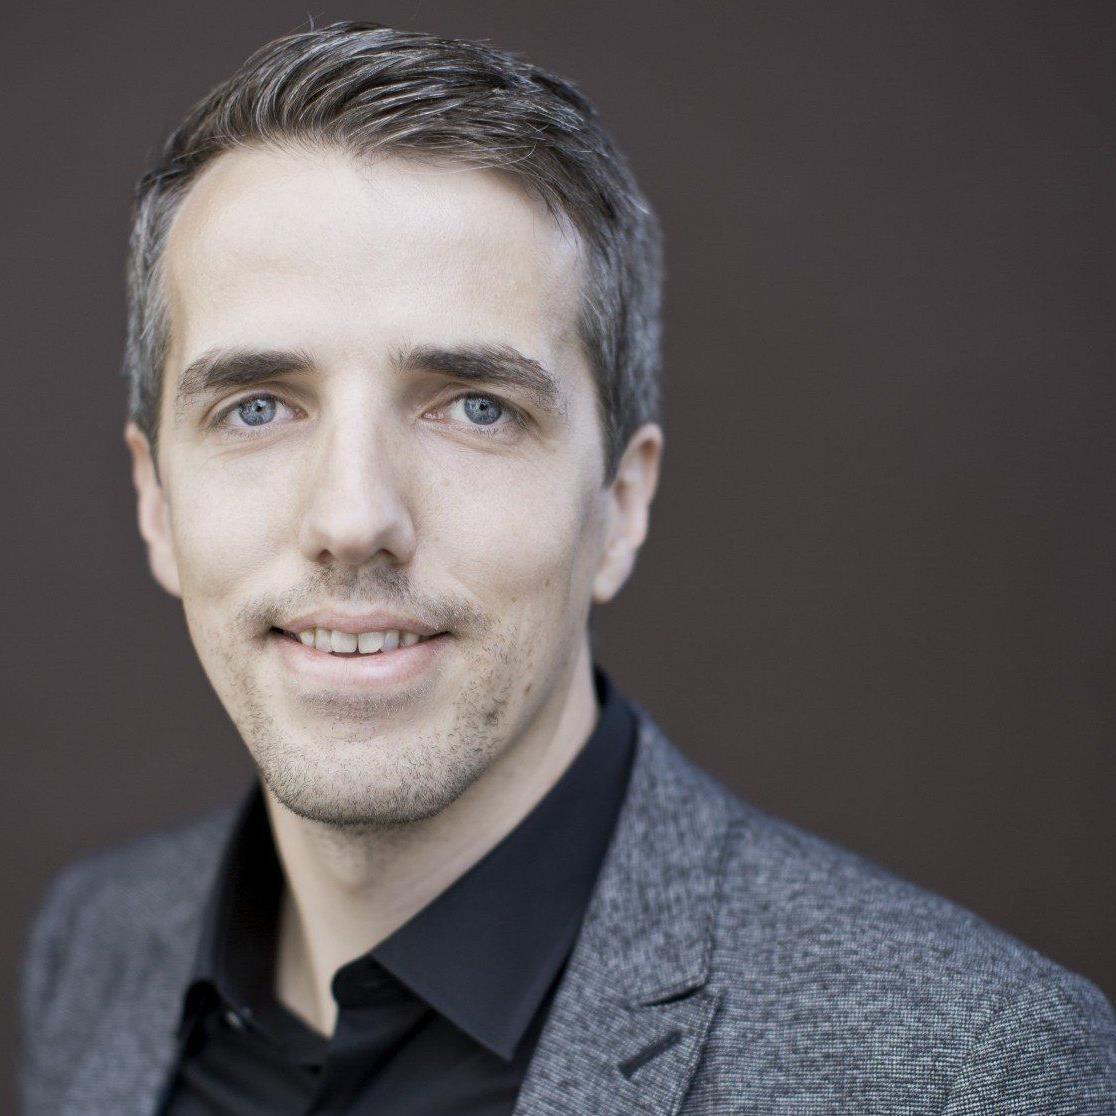 Der 35-jährige Dornbirner Daniel Mutschlechner wird ab Oktober neuer Geschäftsführer der Messe Dornbirn.